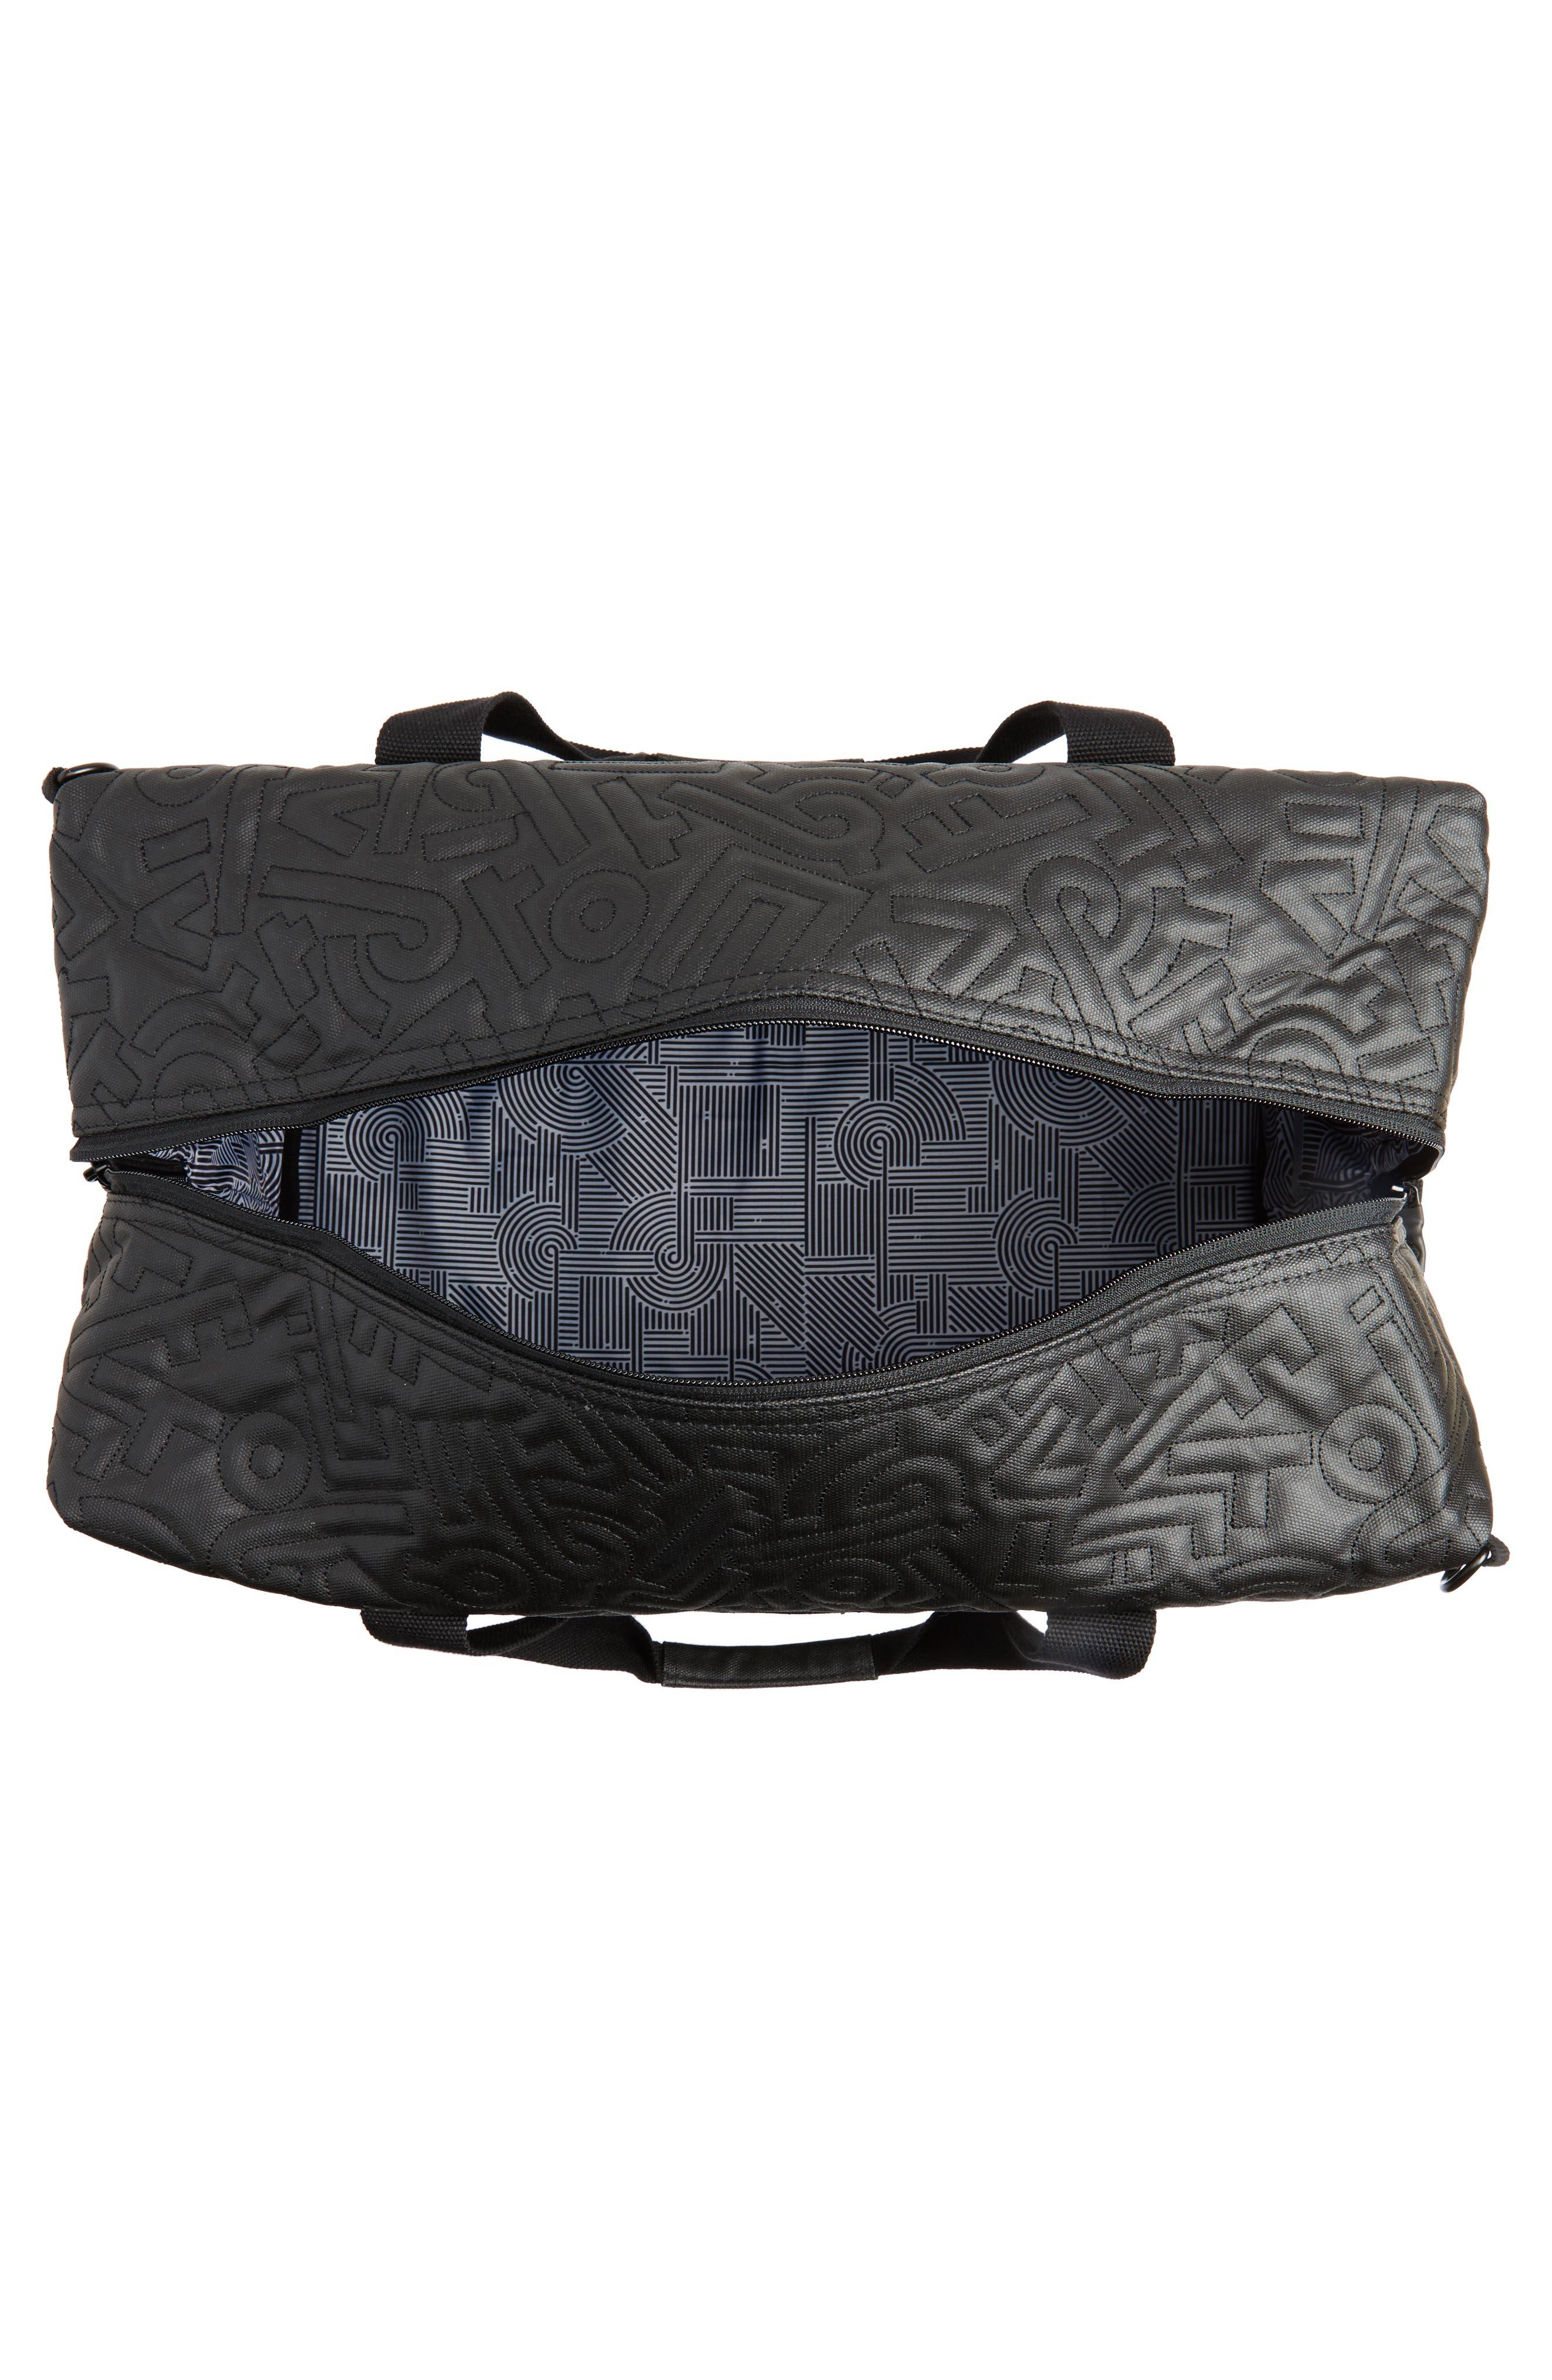 x Aaron De La Cruz Drifter Duffel Bag,                             Alternate thumbnail 4, color,